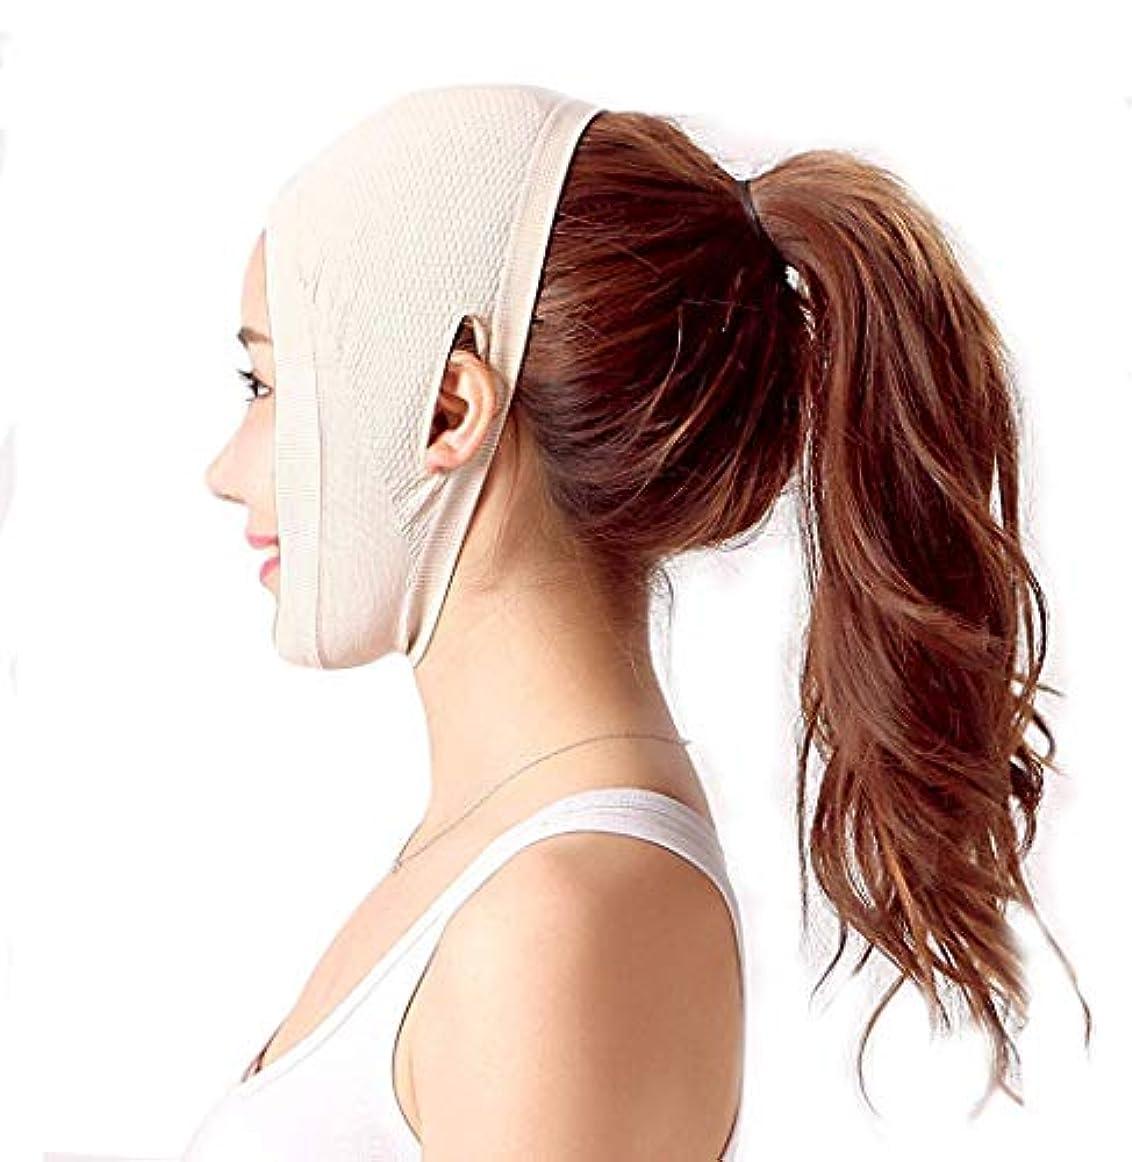 エロチックブランド達成V顔リフティング包帯薄いフェイスマスク(色:肌のトーン(A))を眠っている整形手術病院ライン彫刻術後回復ヘッドギア医療マスク